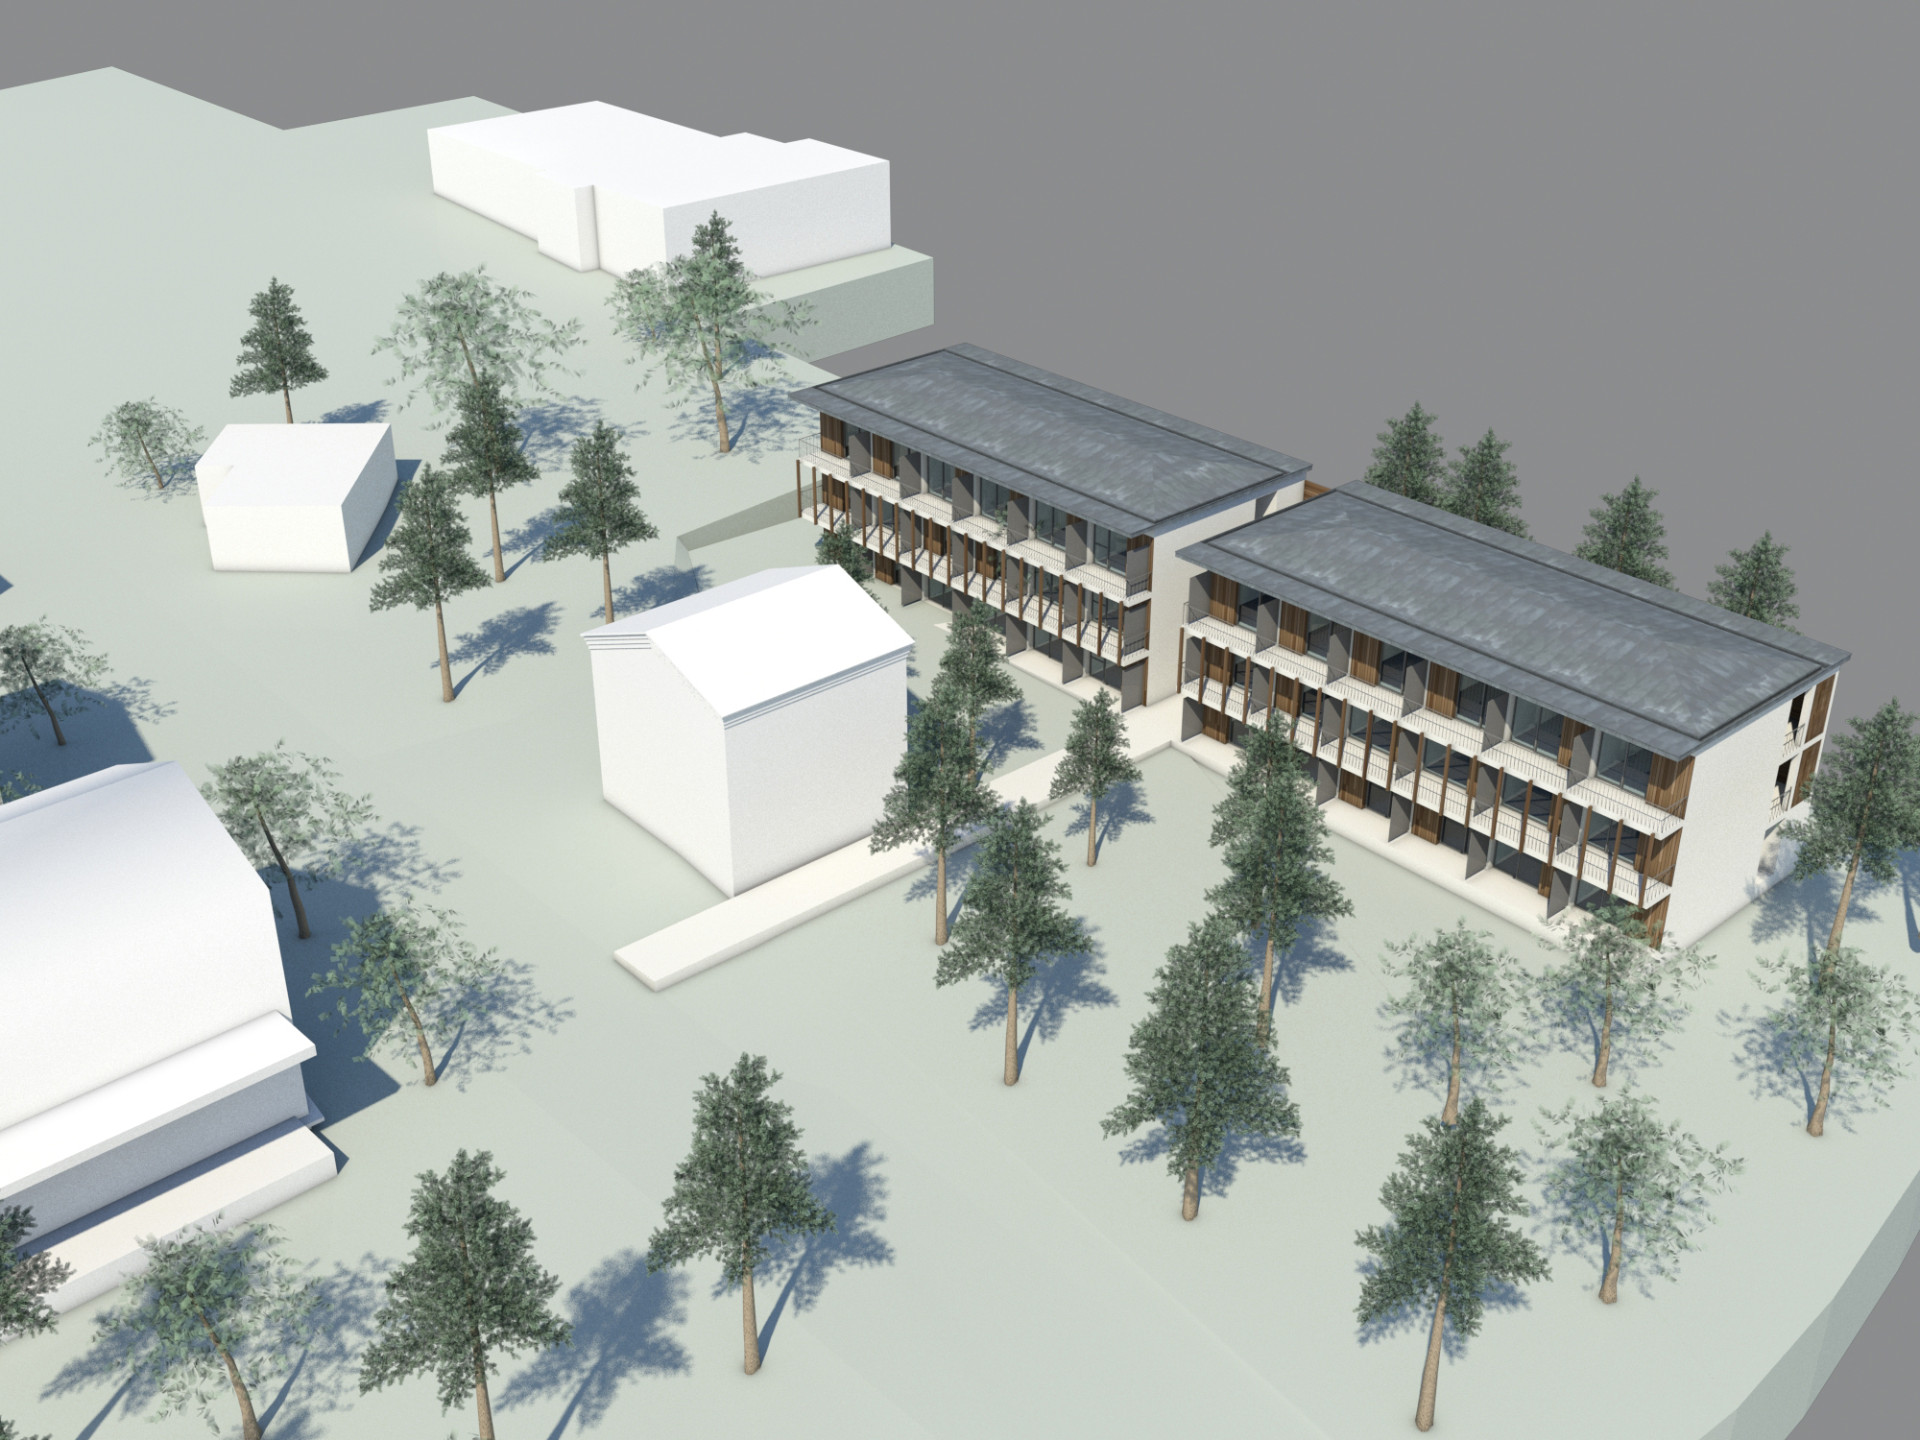 La construction de l'hôtel, Un nouveau défi